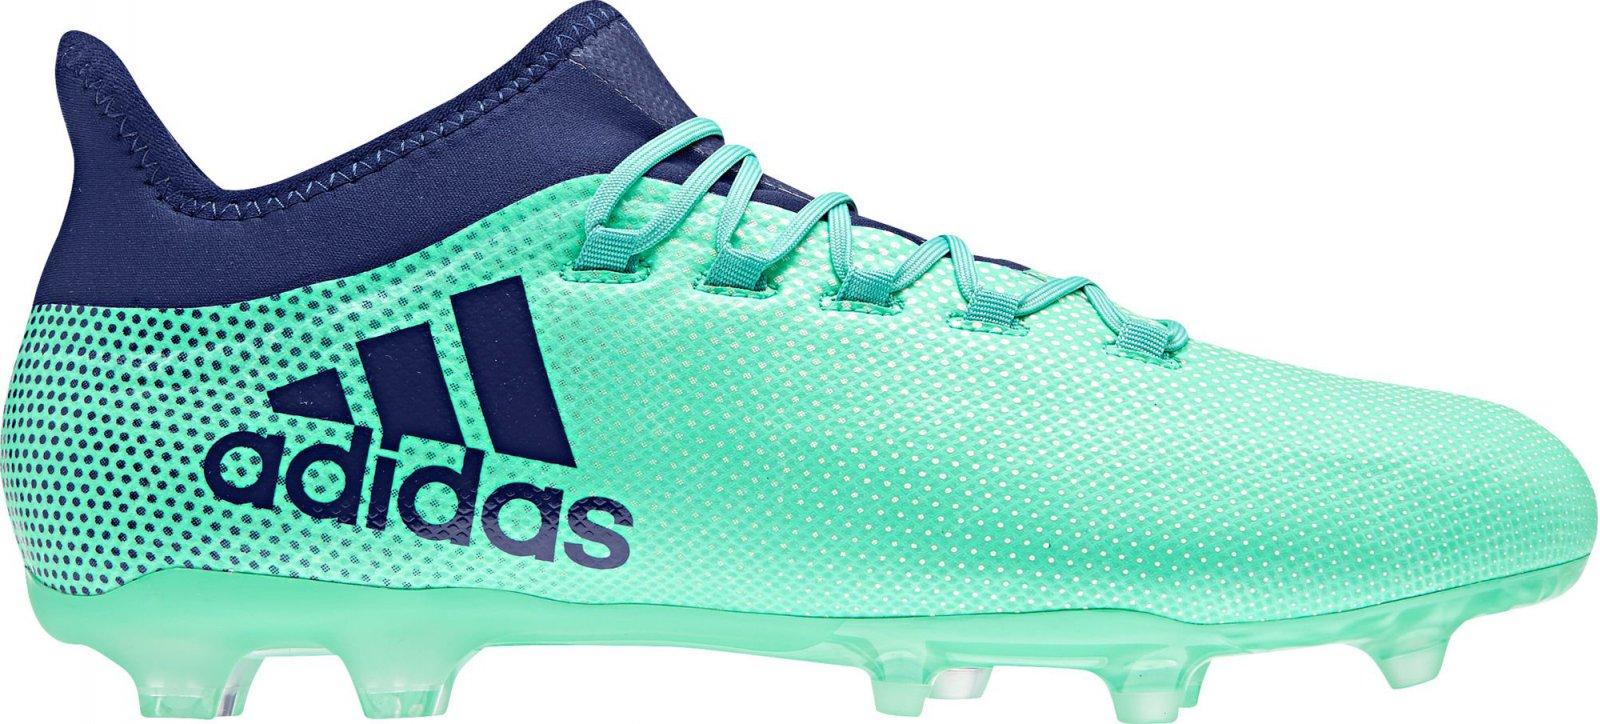 Adidas X 17.2 FG tmavě modré zelené od 1 749 Kč • Zboží.cz 6c9ca902f3